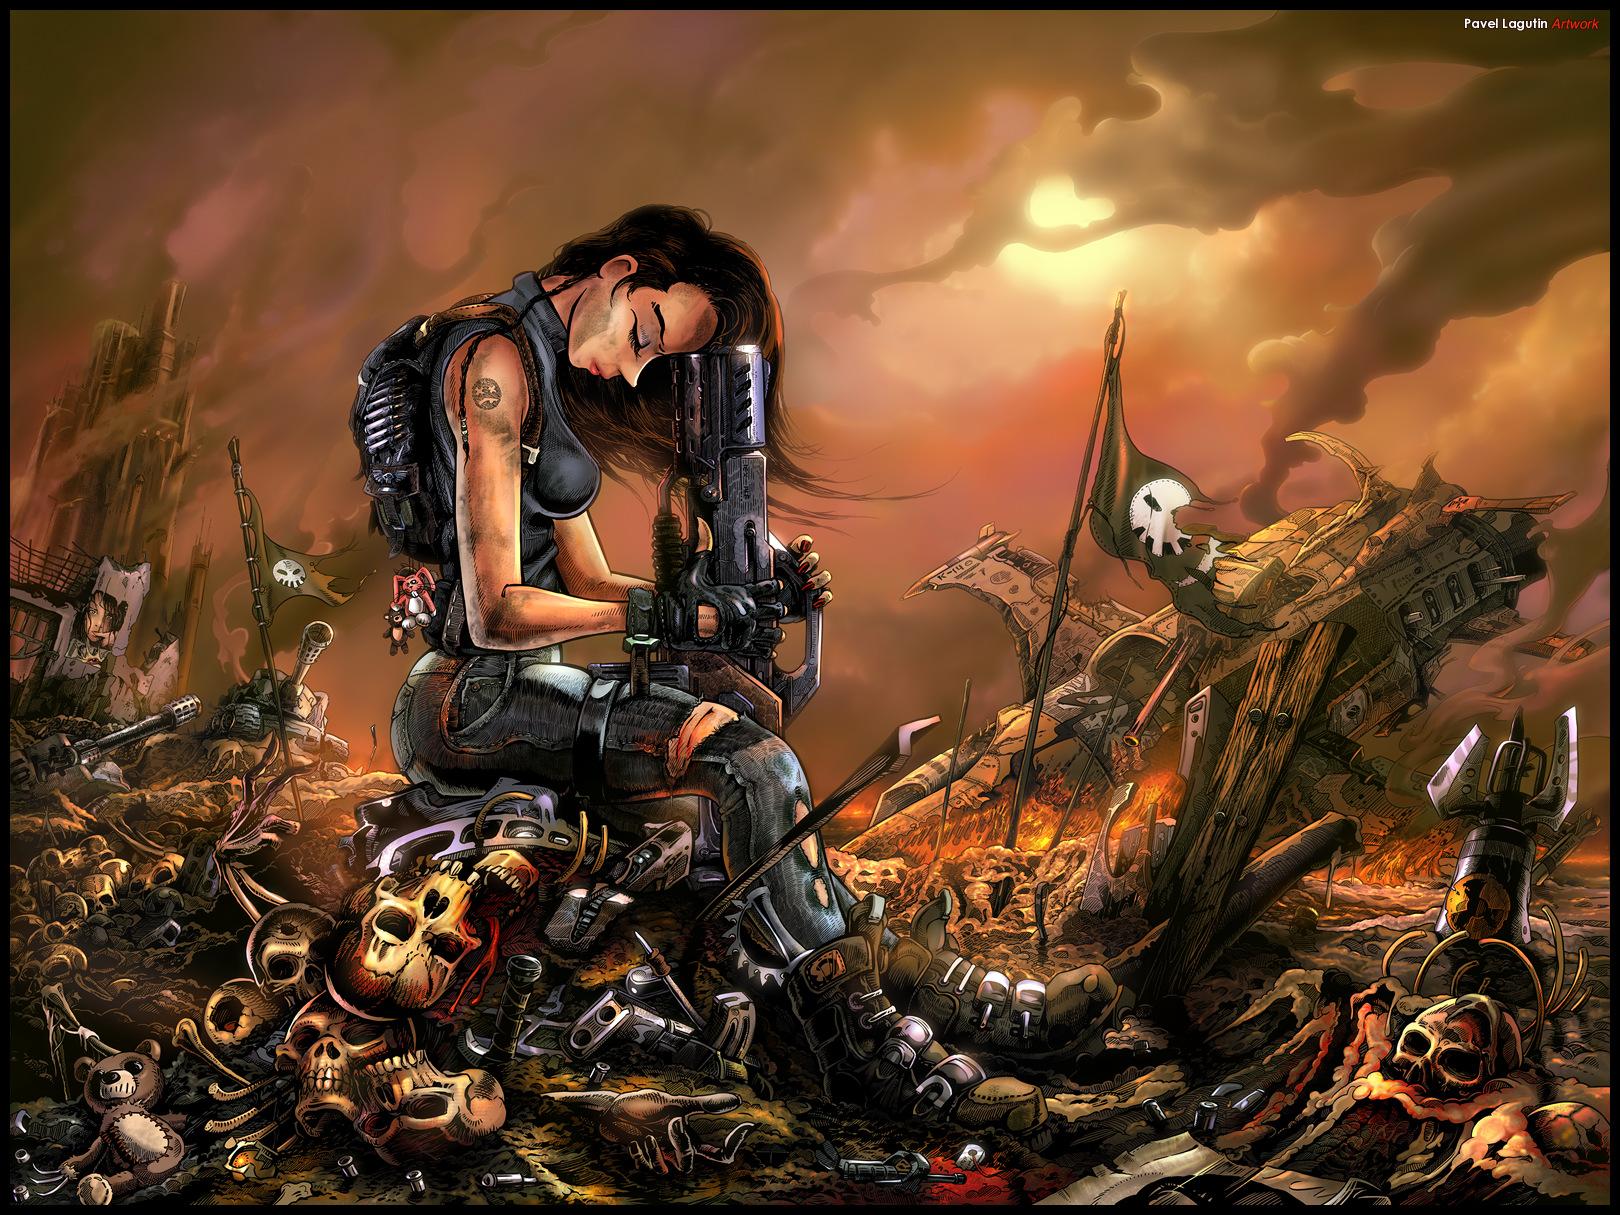 Battlefield After by Lagutin